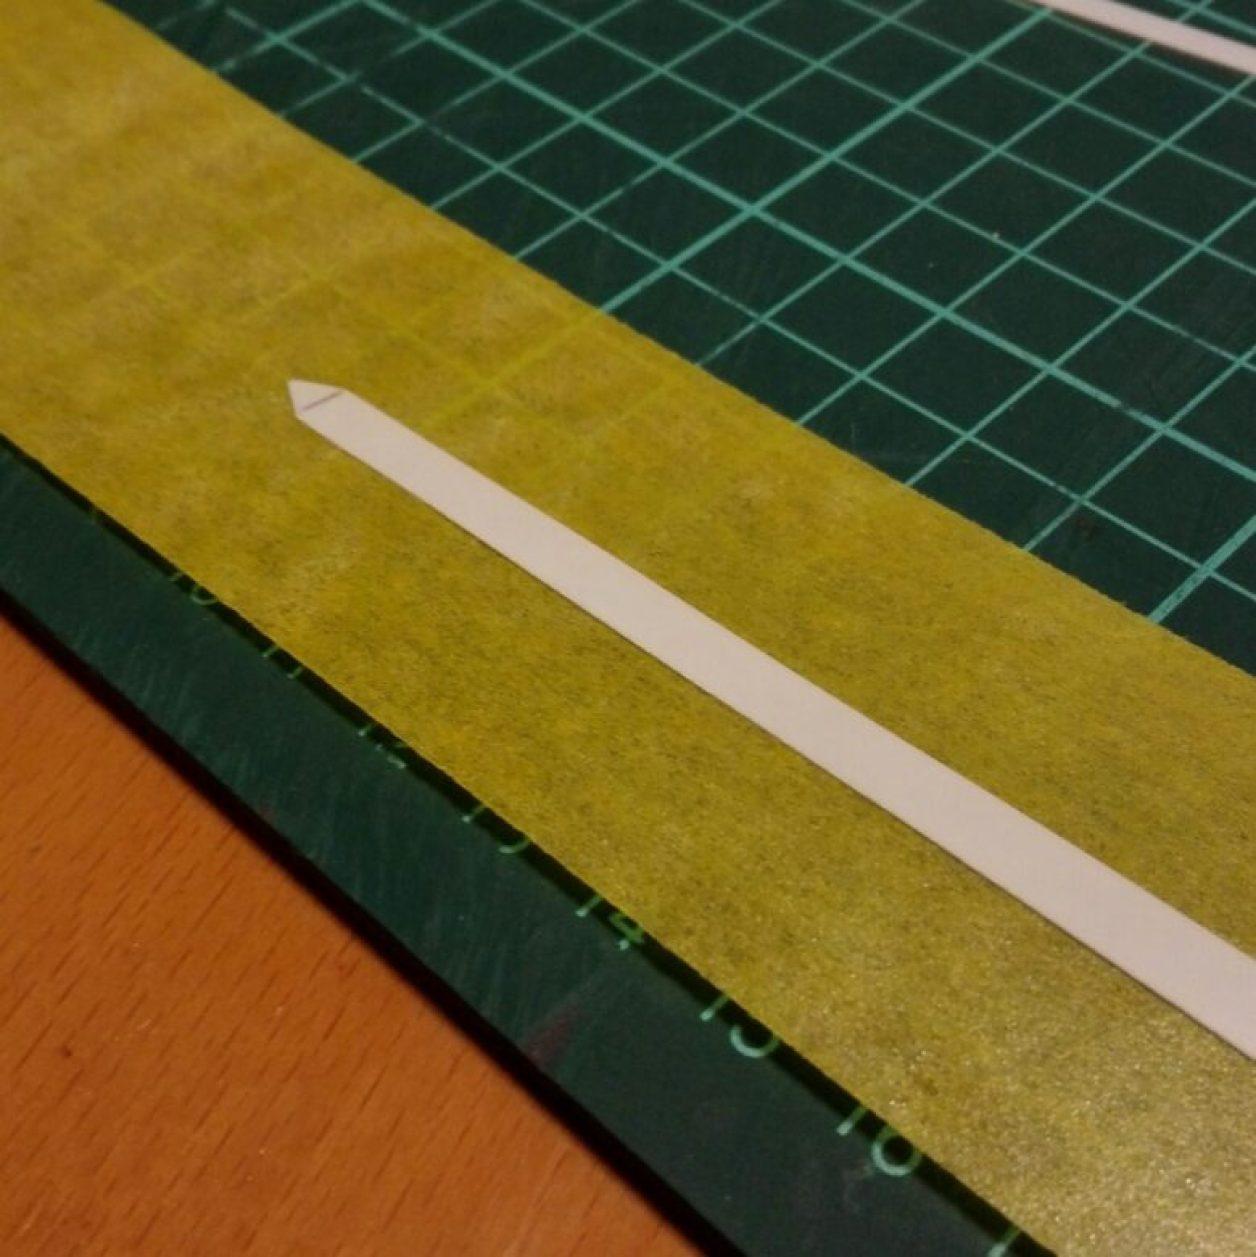 HGUC ガンダム TR-6[ヘイズル改]用武装ビーム・ライフル改造のためのロングブレード部分を構成するプラ板の切り出しの画像